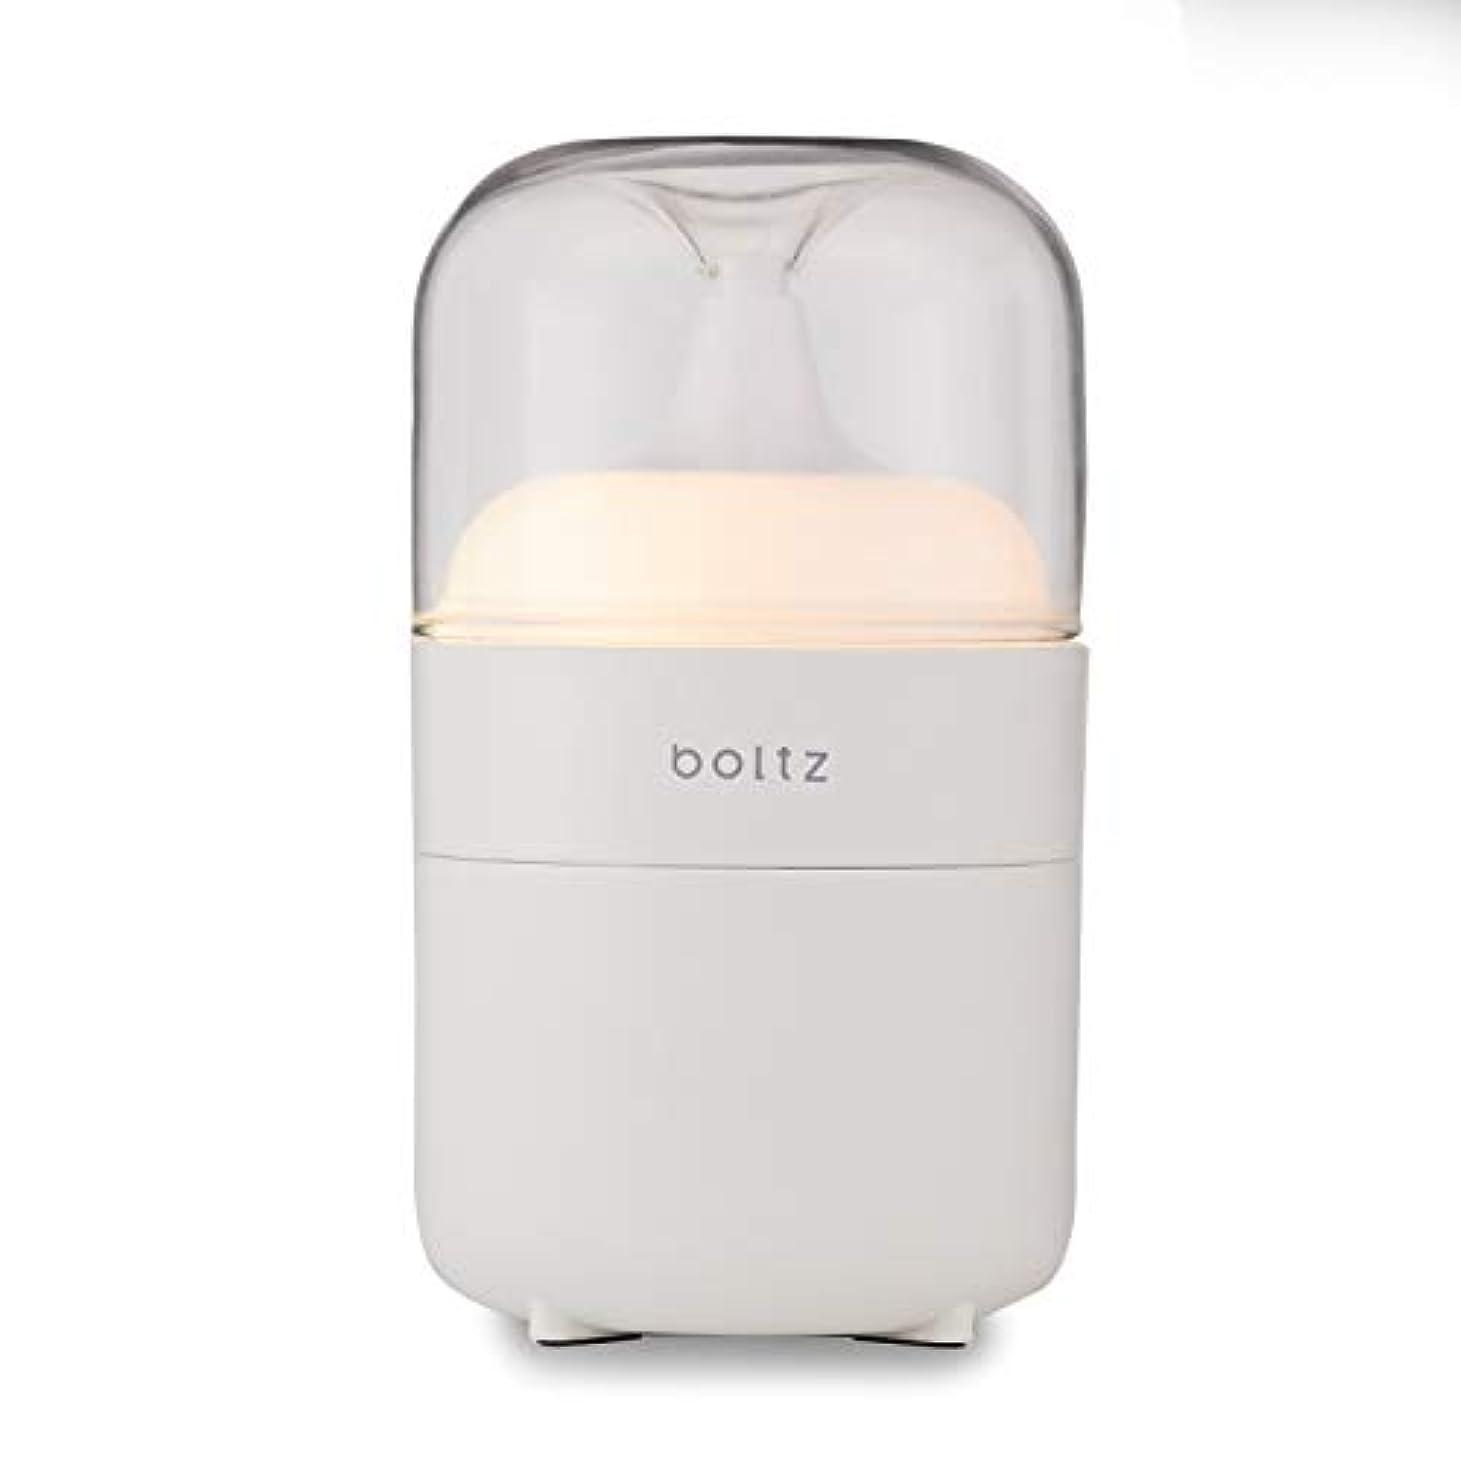 十元気な郵便物LOWYA boltz アロマディフューザー ネプライザー式 アロマオイル対応 間接照明 おしゃれ USB対応